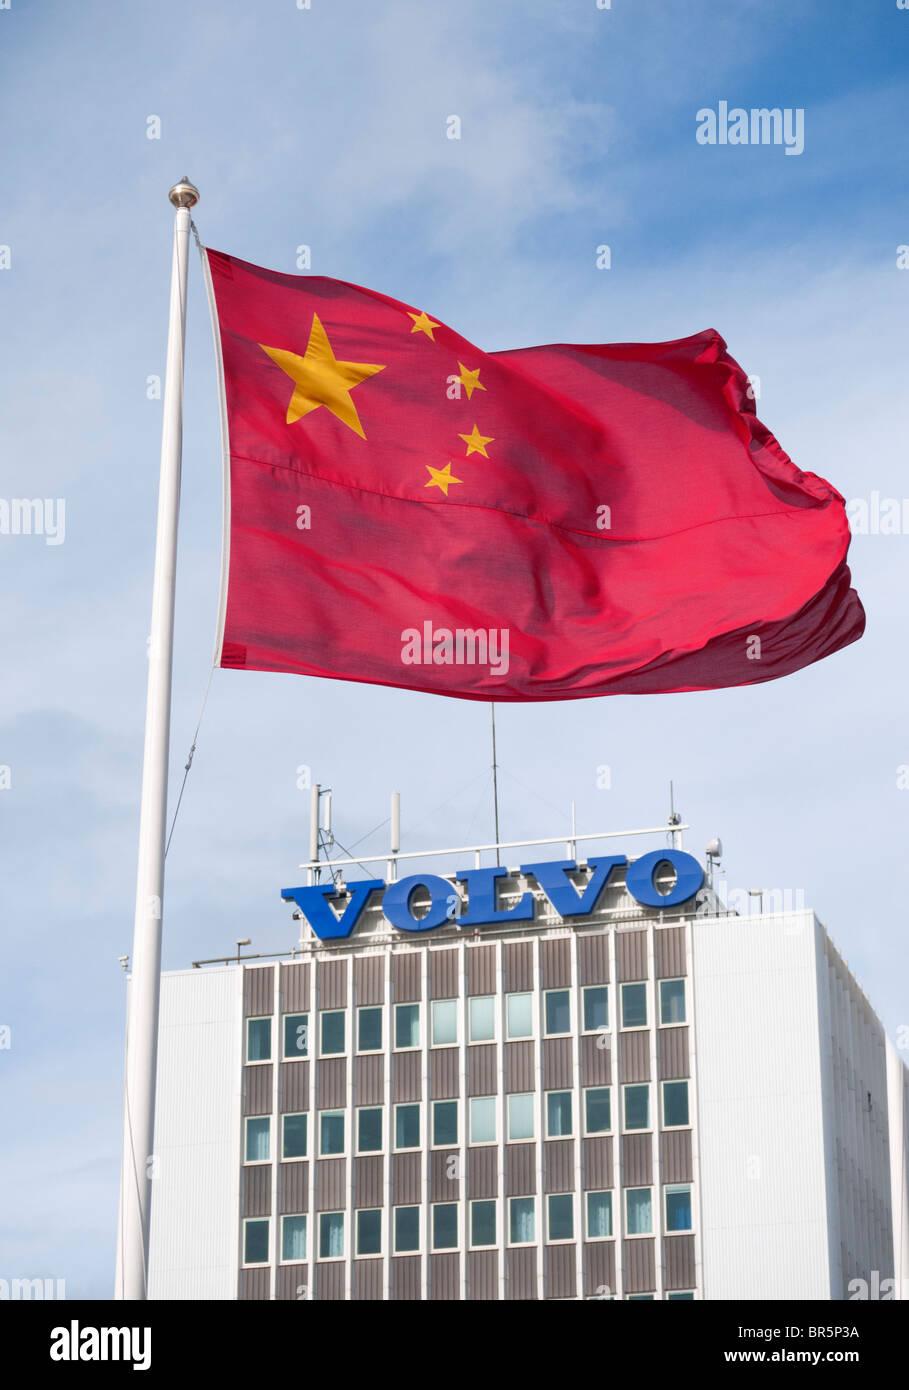 Pabellón chino volando sobre la fábrica de Volvo en Gotemburgo en Suecia tras adquisición china de Imagen De Stock